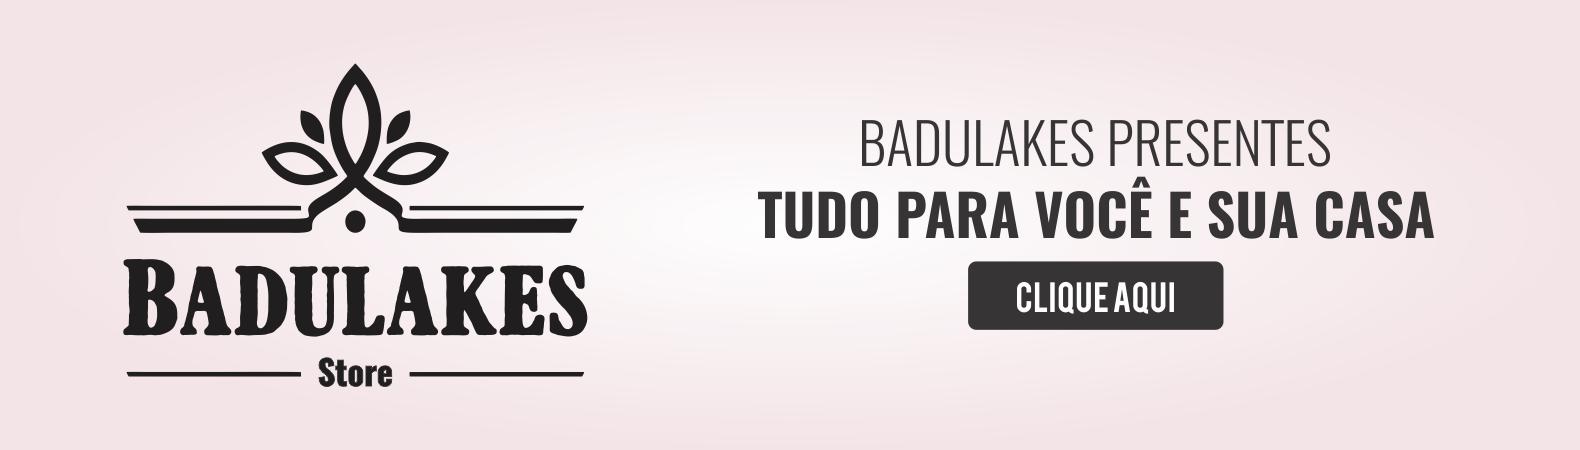 Badulakes Presentes